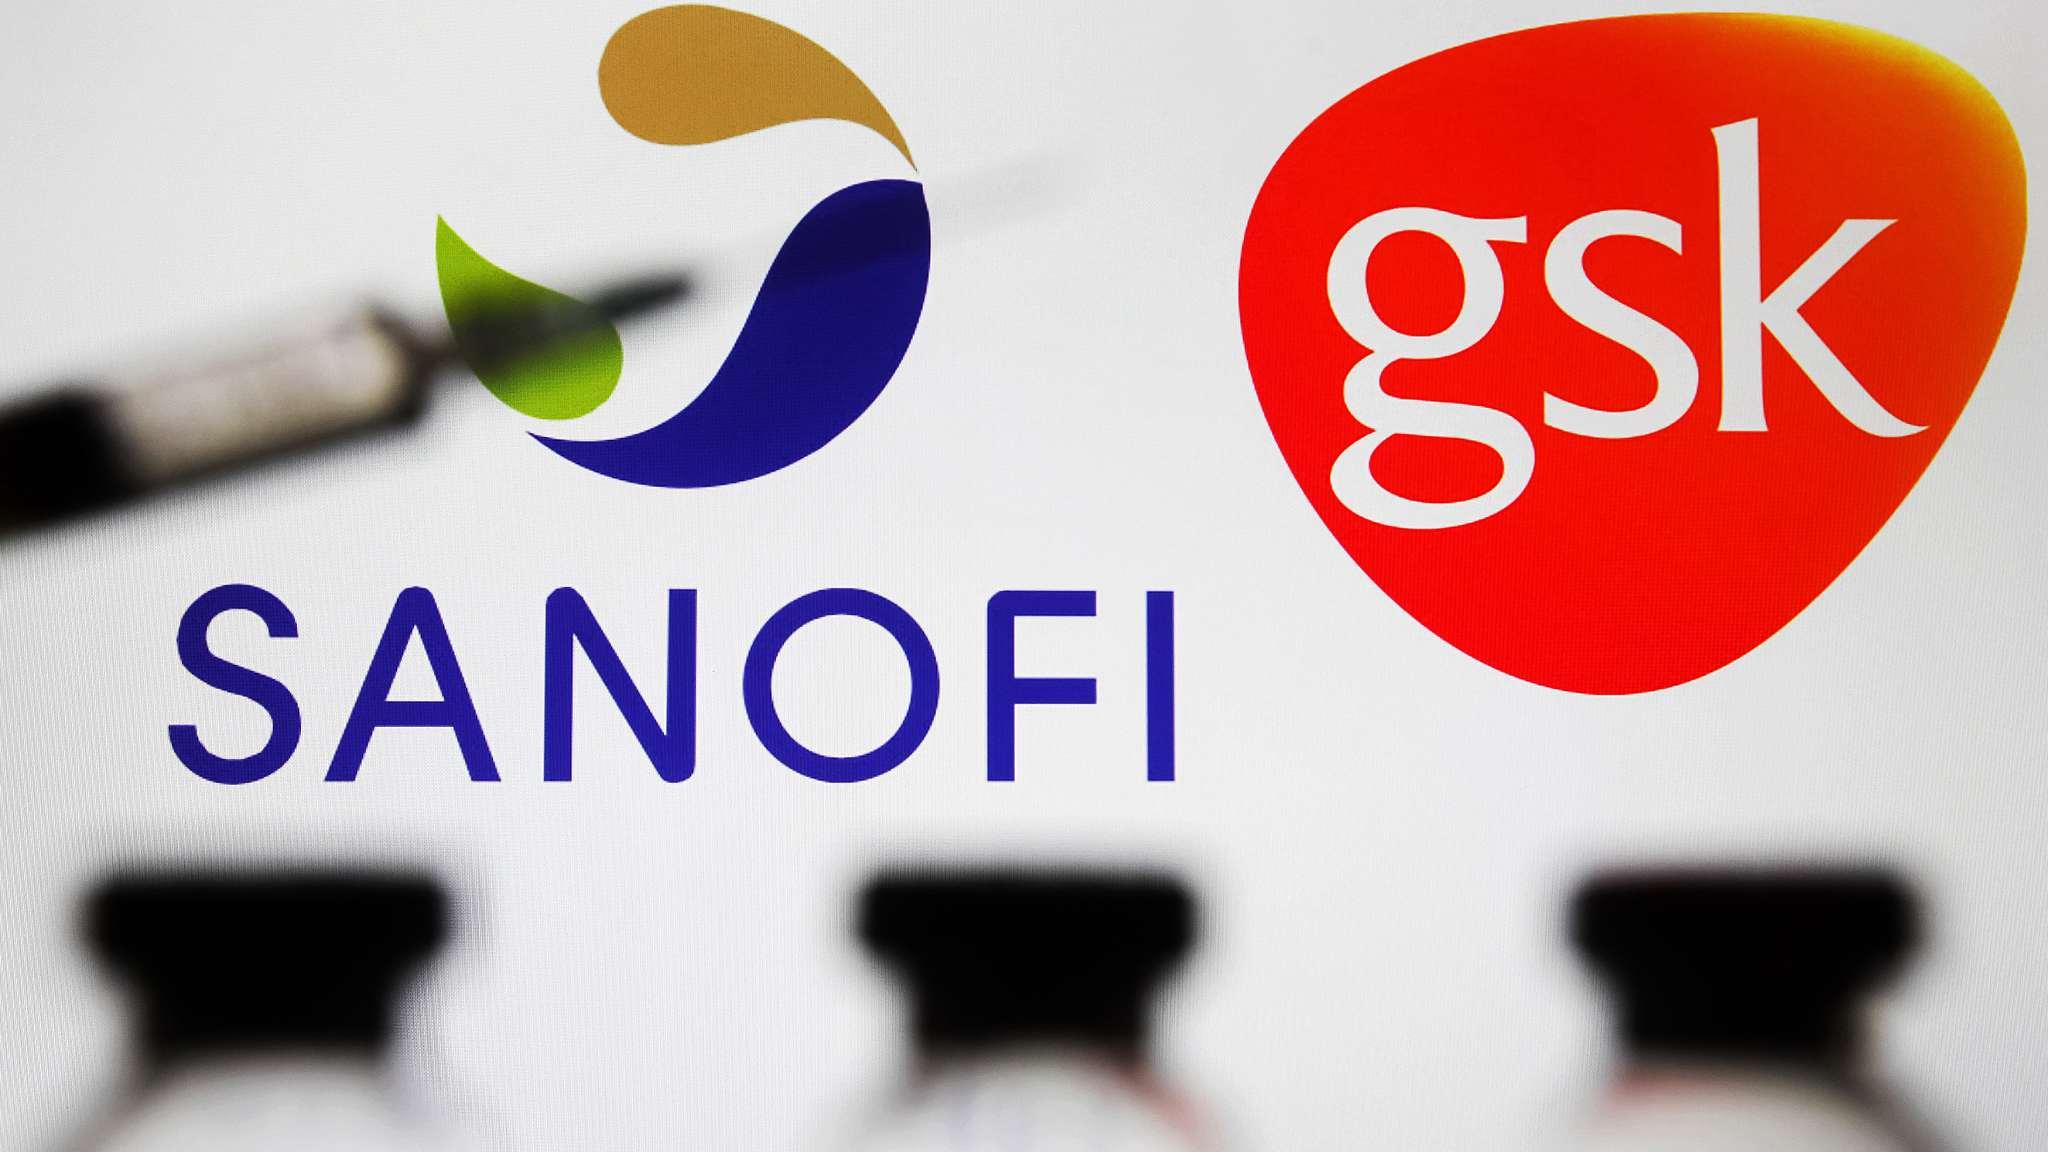 Sanofi/GSK κορωνοϊός εμβόλιο: Ο EMA ξεκινά την αξιολόγηση του εμβολίου των Sanofi/GSK κατά του νέου κορωνοϊού